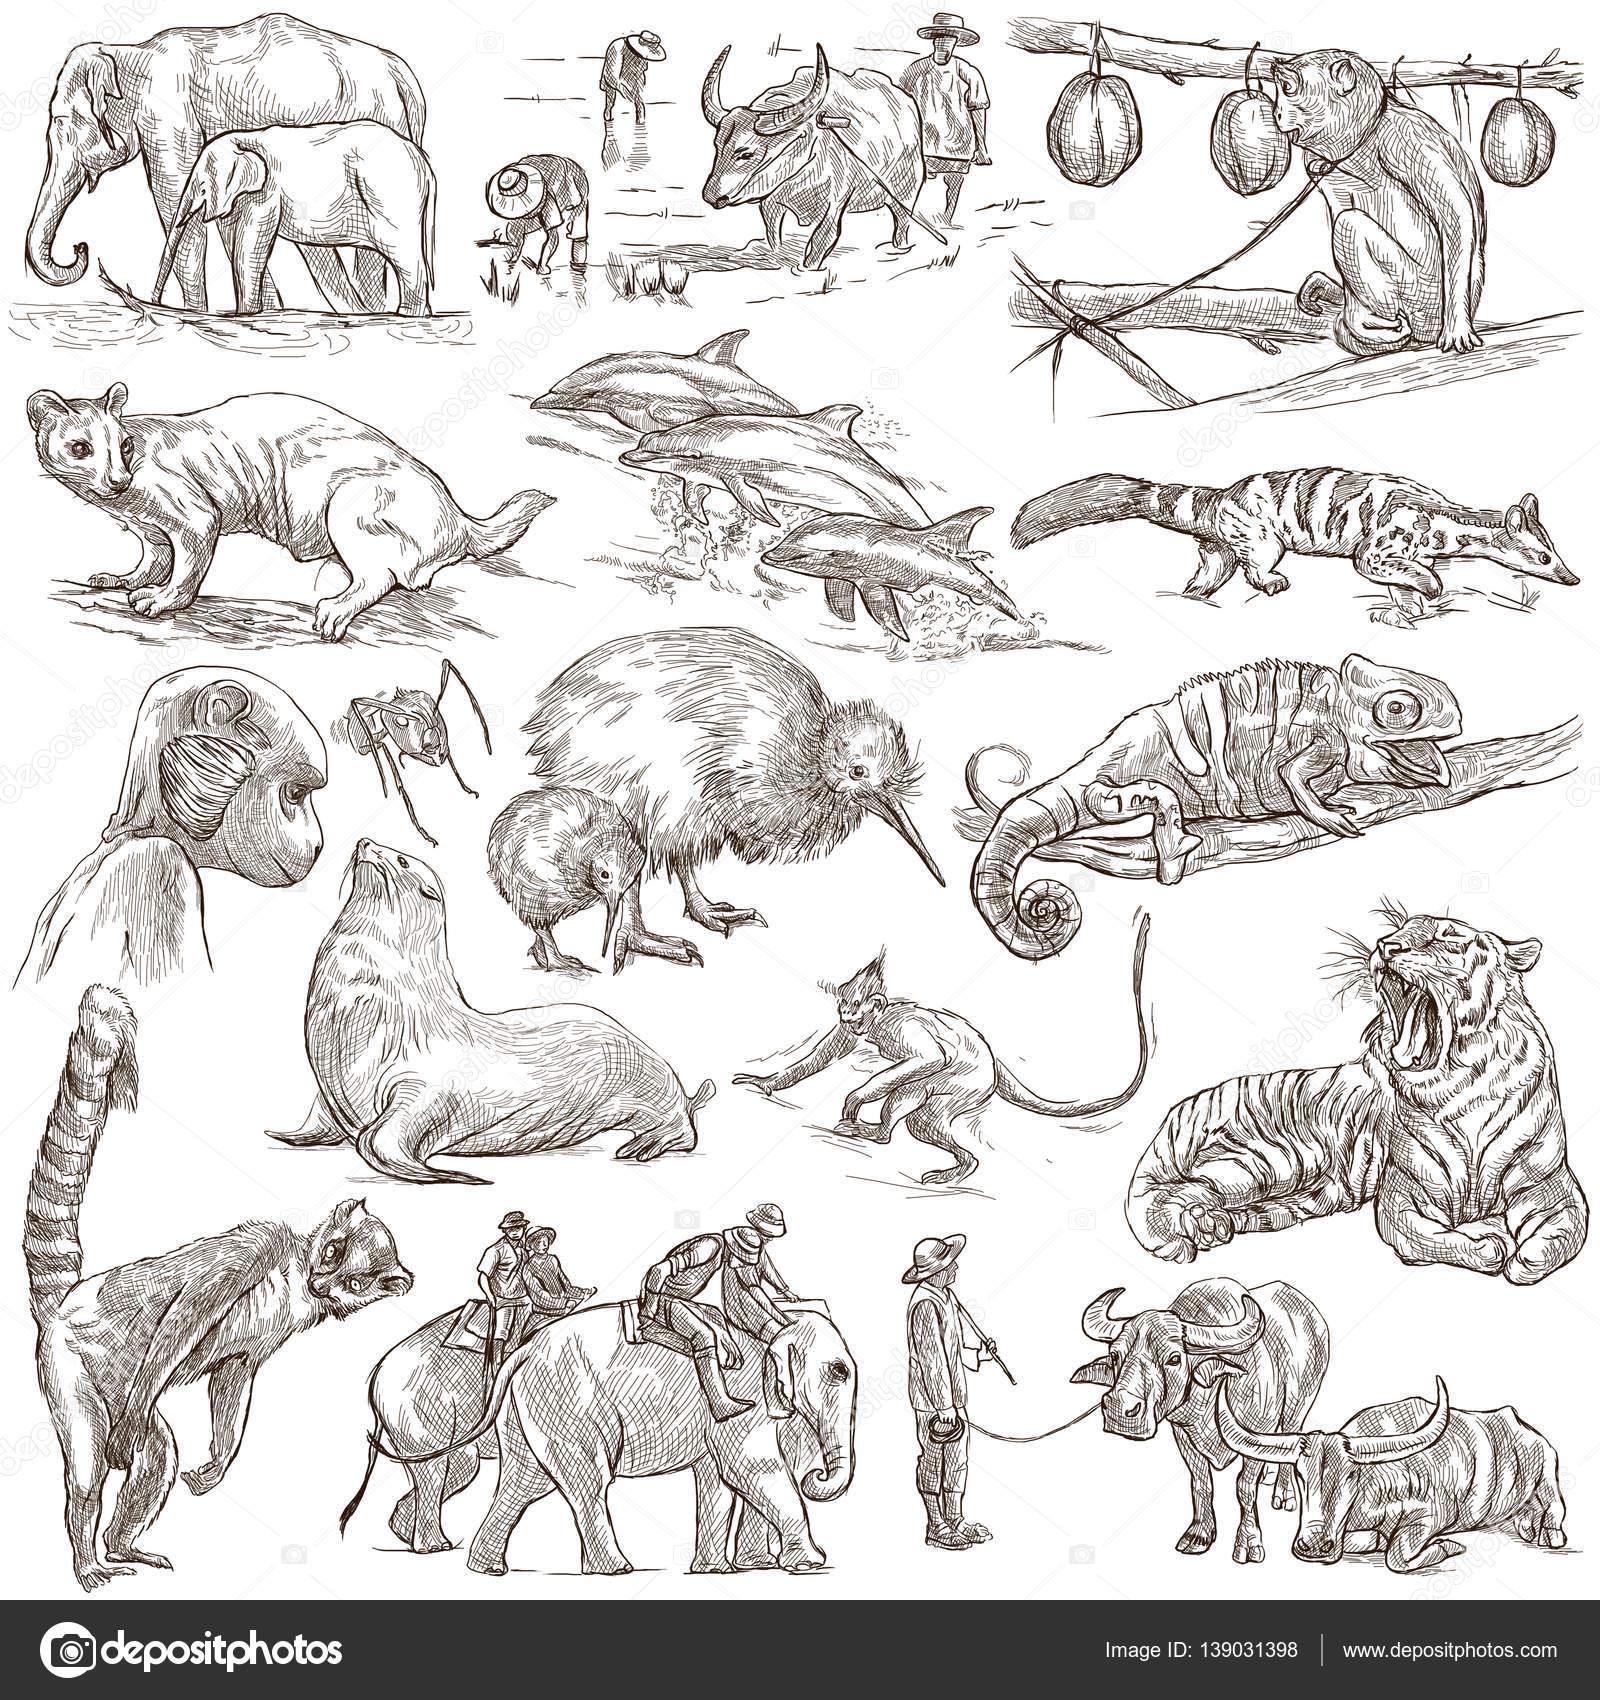 世界の動物。手書き、フルサイズのイラスト。ライン アート画像のコレクションです。白の背景上に描画 \u2014 [著者]の写真 kuco